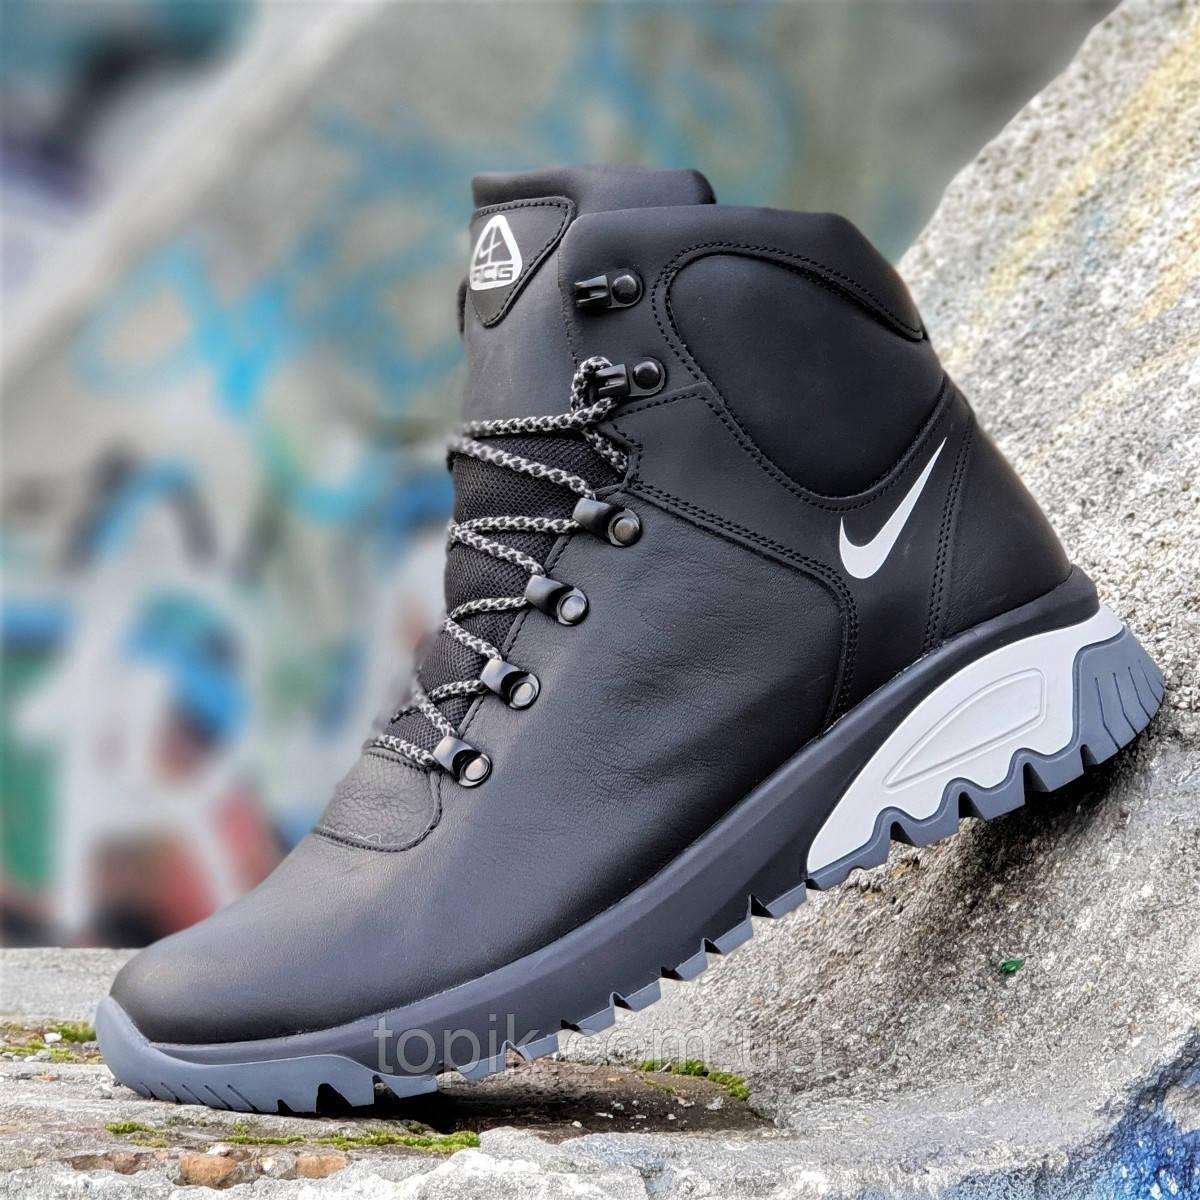 854f6fea Высокие зимние черные мужские кроссовки кожаные на толстой подошве  натуральный мех (Код: 1265)